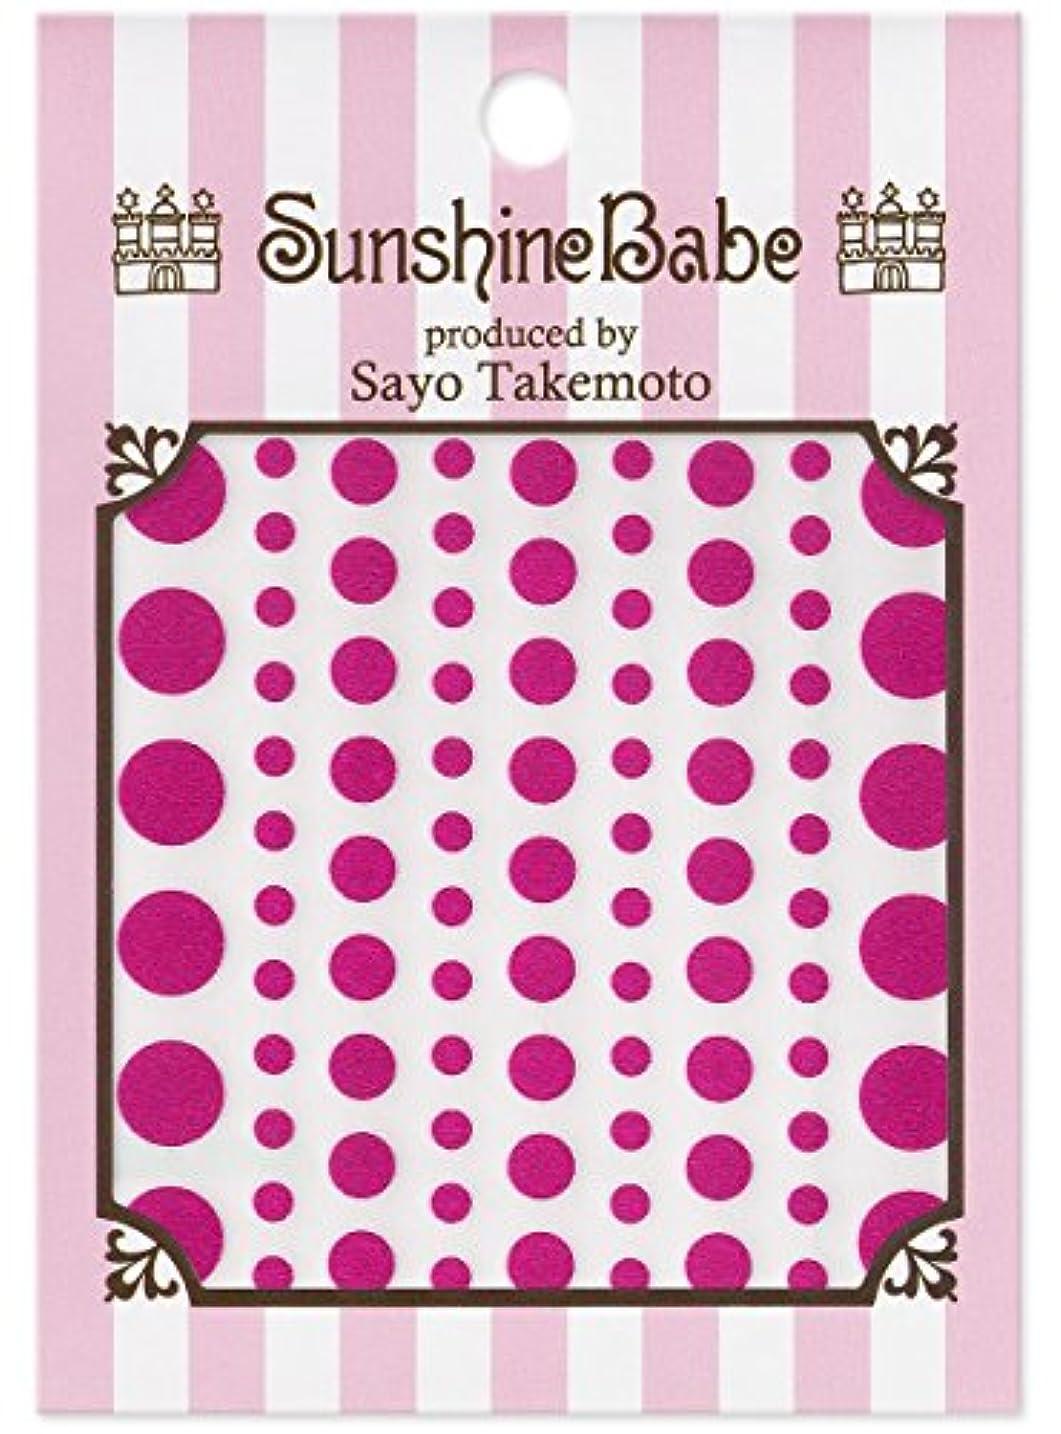 納税者まろやかなコミュニケーションサンシャインベビー ジェルネイル 武本小夜のネイルシール Sayo Style ドット mix ピンク